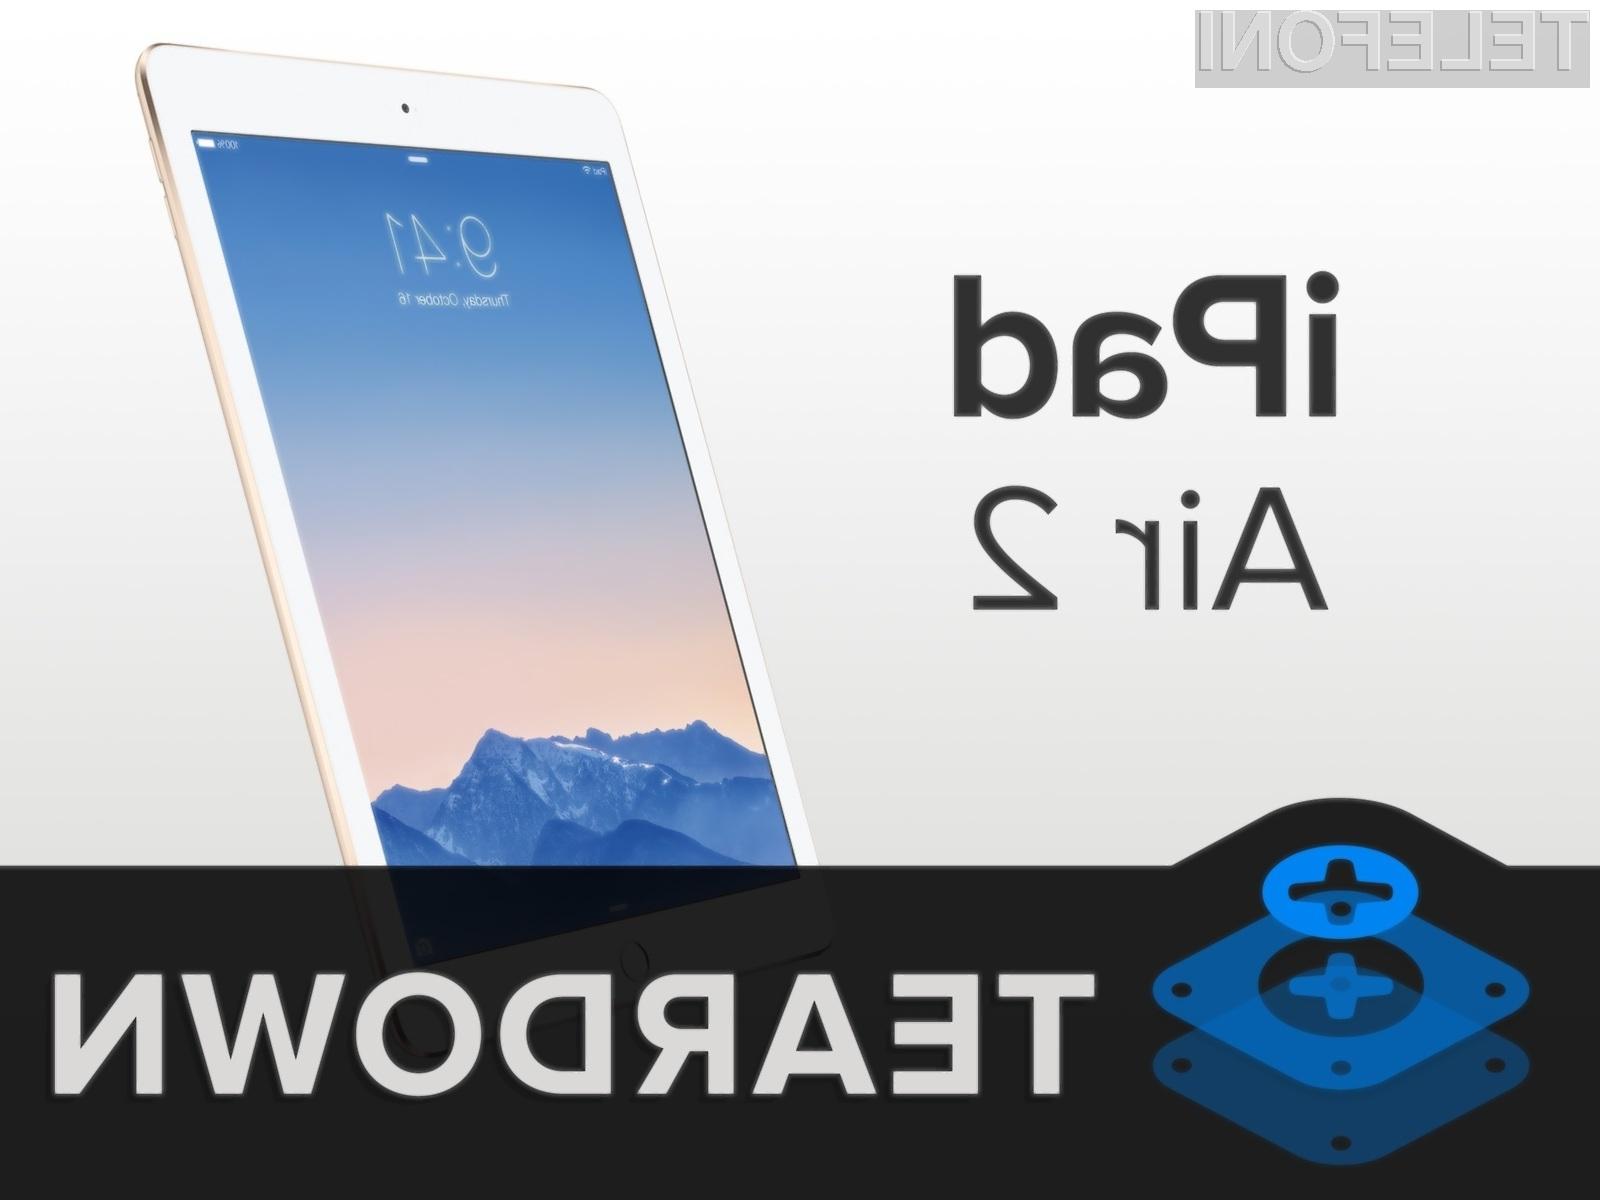 Tablici iPad Air 2 in iPad Mini 3 čipovje NFC po vsej verjetnosti uporabljata za večjo varnost plačilnega sistema Apple Pay.